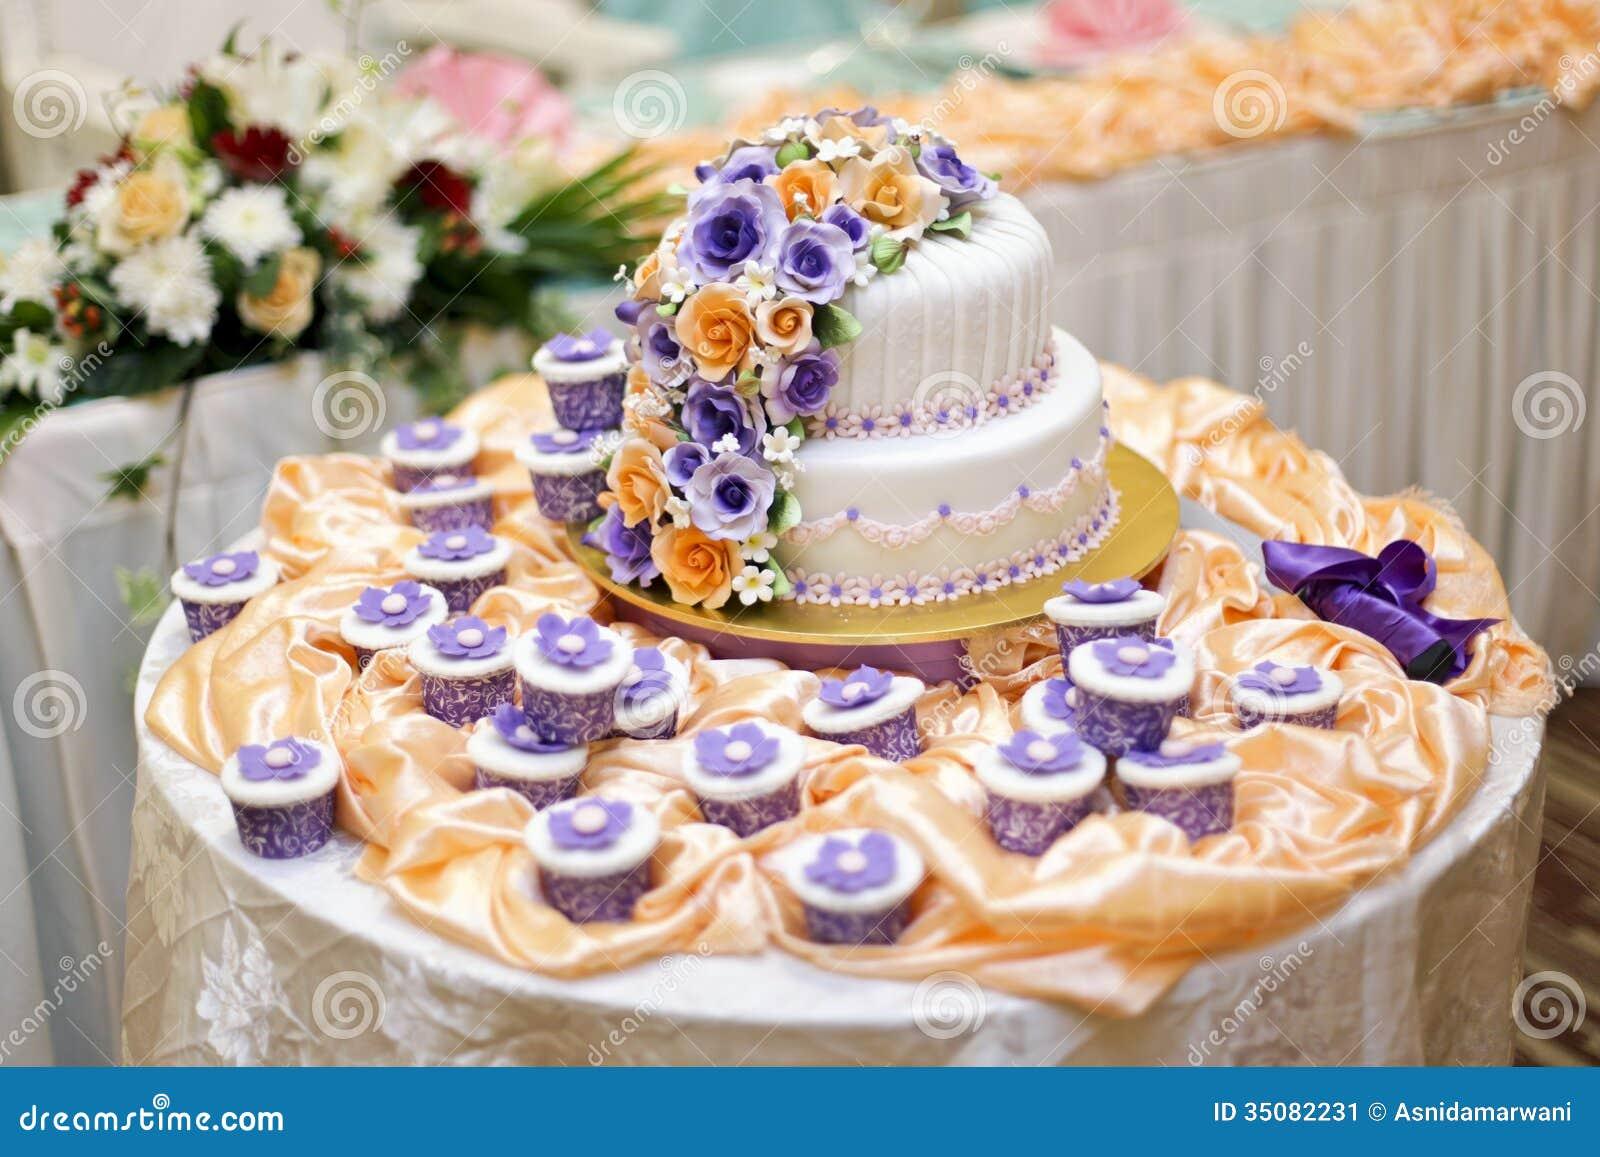 The Beautiful Wedding Cake Stock Image Image